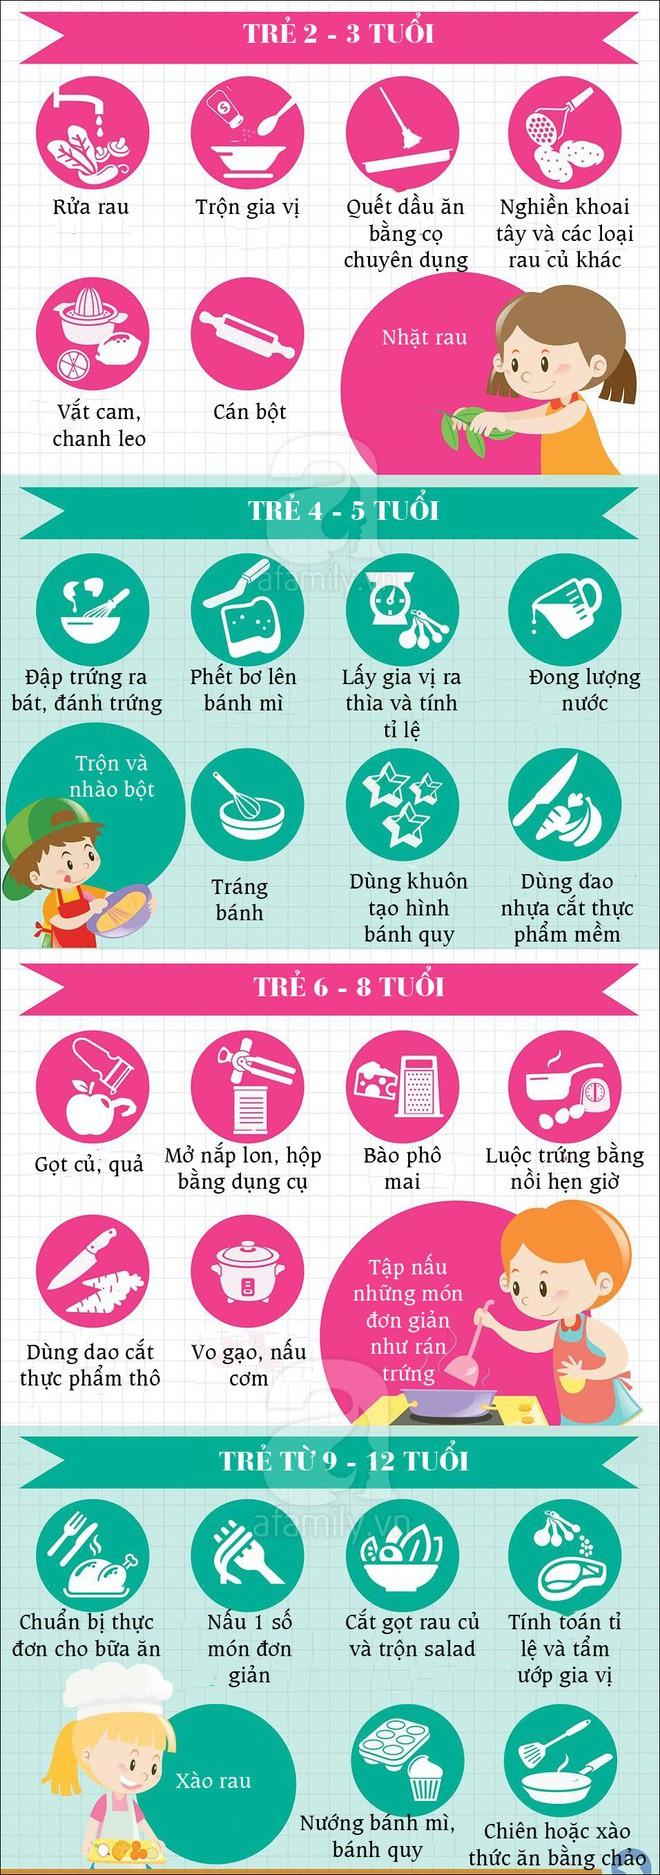 Trẻ em Nhật luôn ăn uống tự lập vì được bố mẹ dạy kĩ năng này từ nhỏ - Ảnh 2.